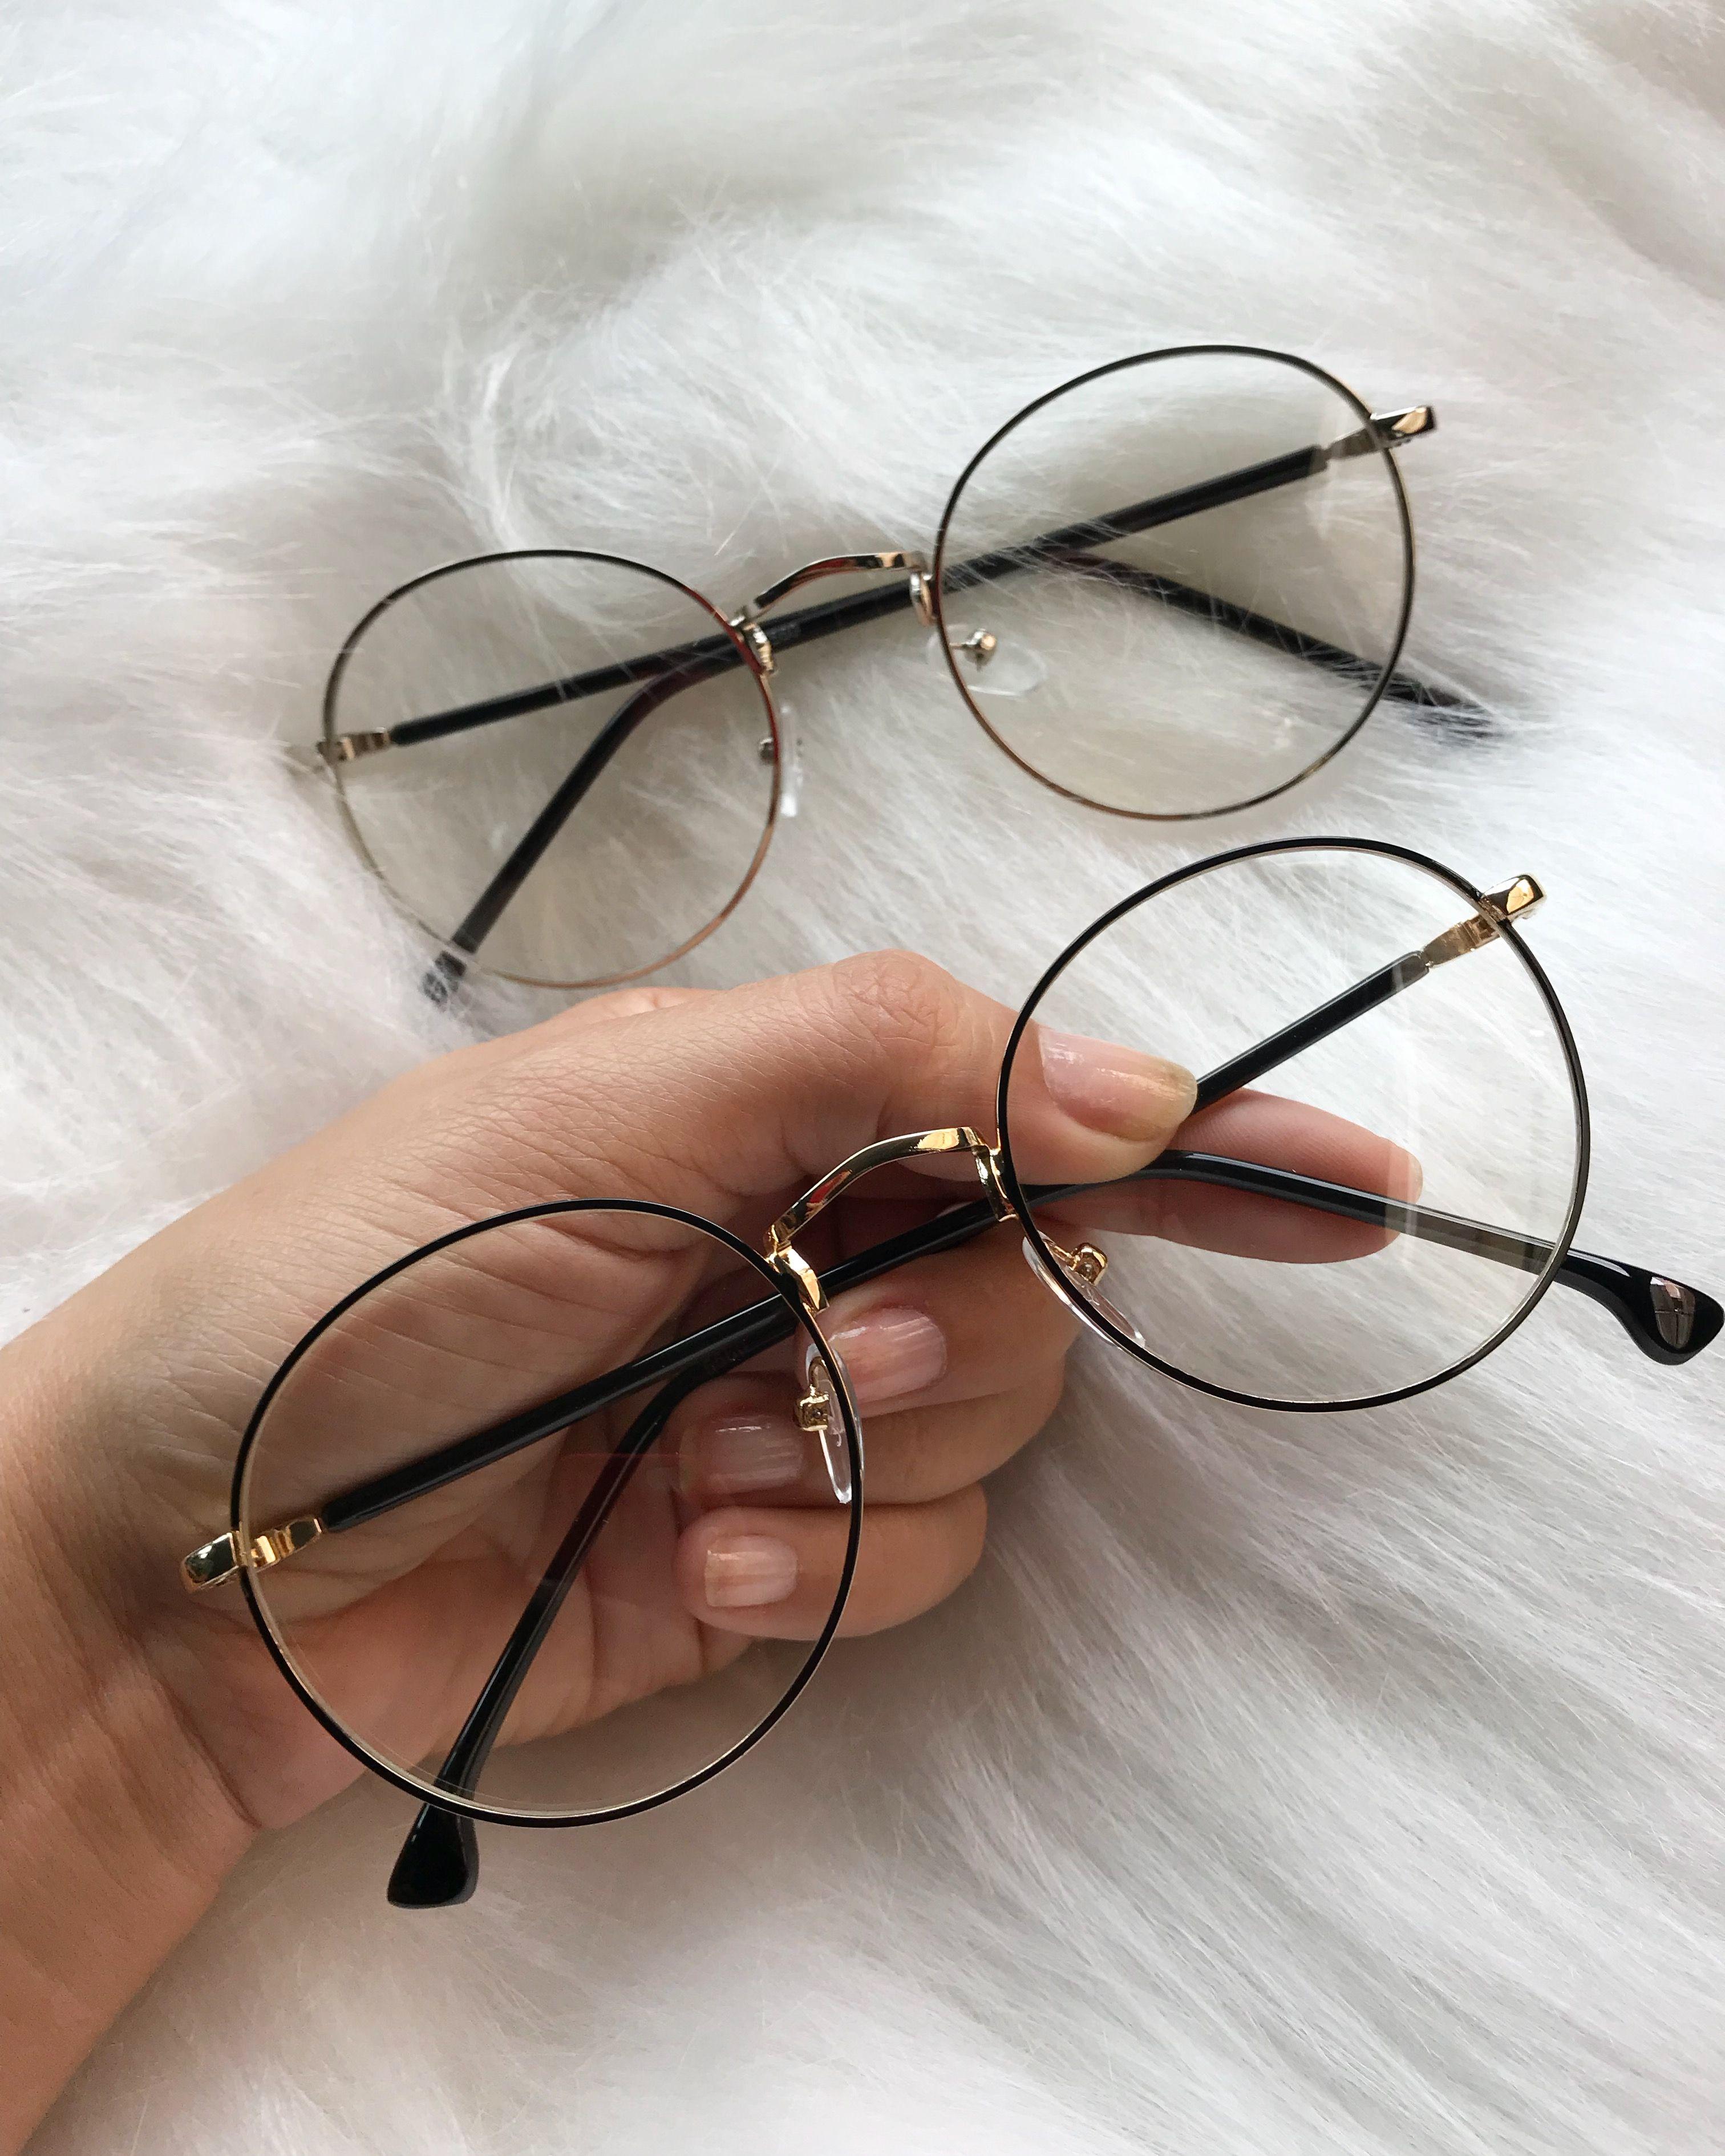 09 03 Noite Ari Com Imagens Armacao De Oculos Feminino